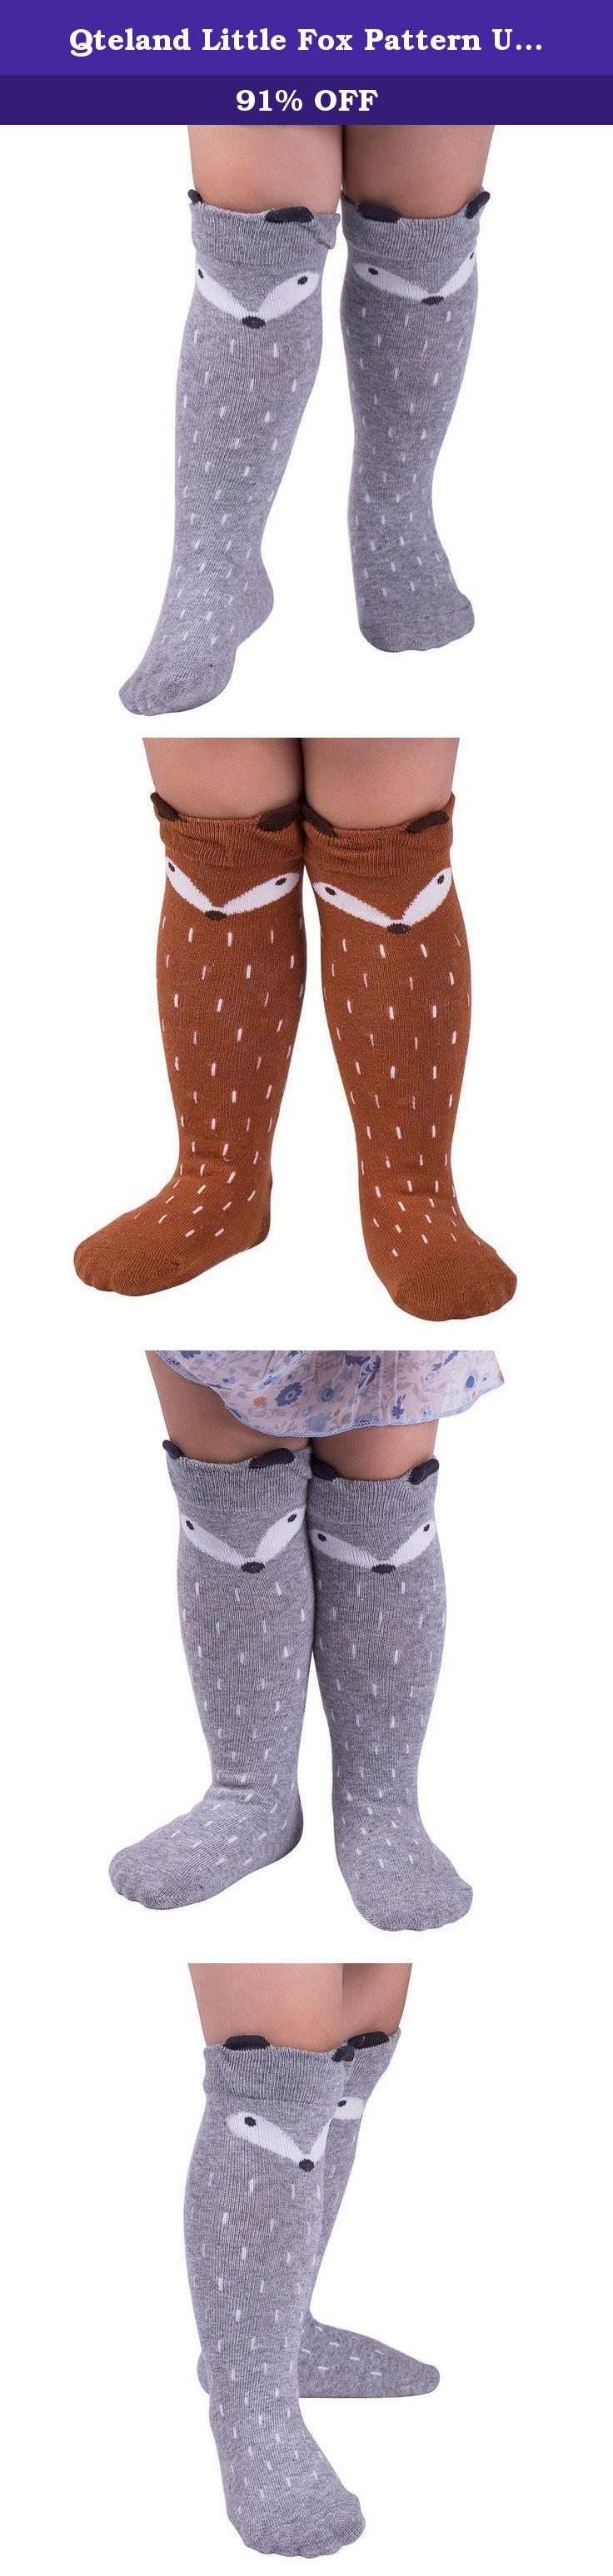 Qteland Little Fox Pattern Uni baby Knee High Socks Tube socks